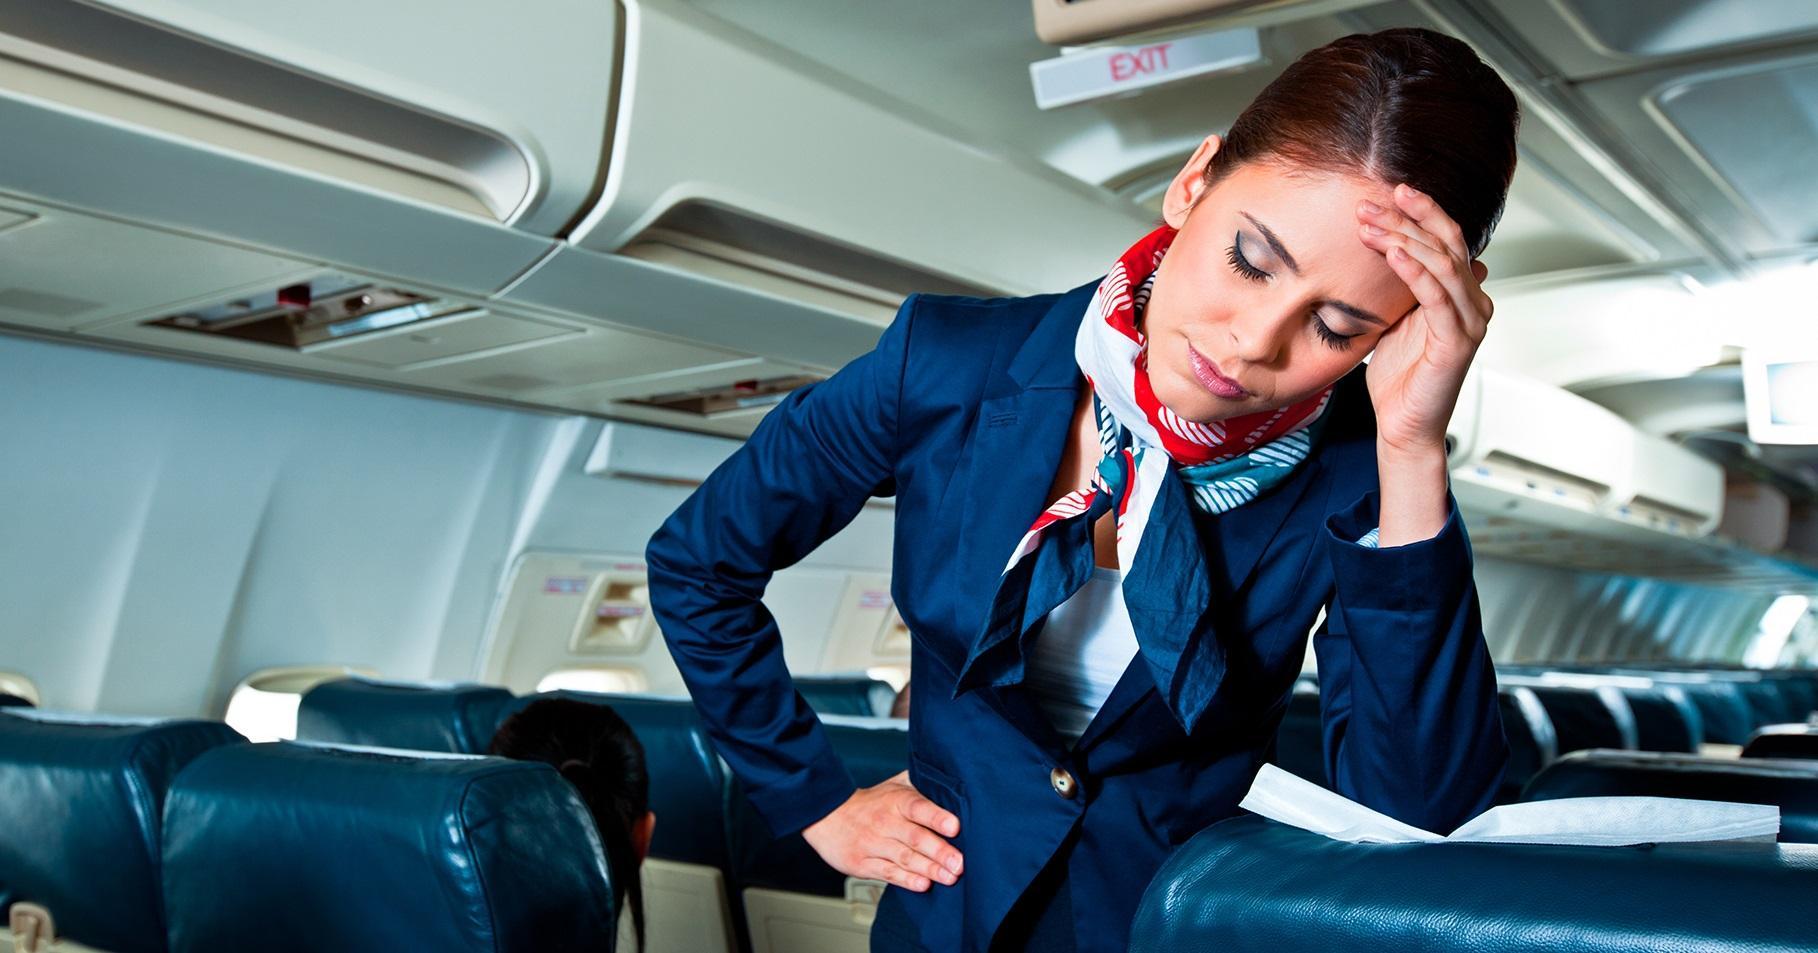 Секс на самолете с стюардеса, Секс в самолете - порно видео онлайн, смотреть порно 20 фотография